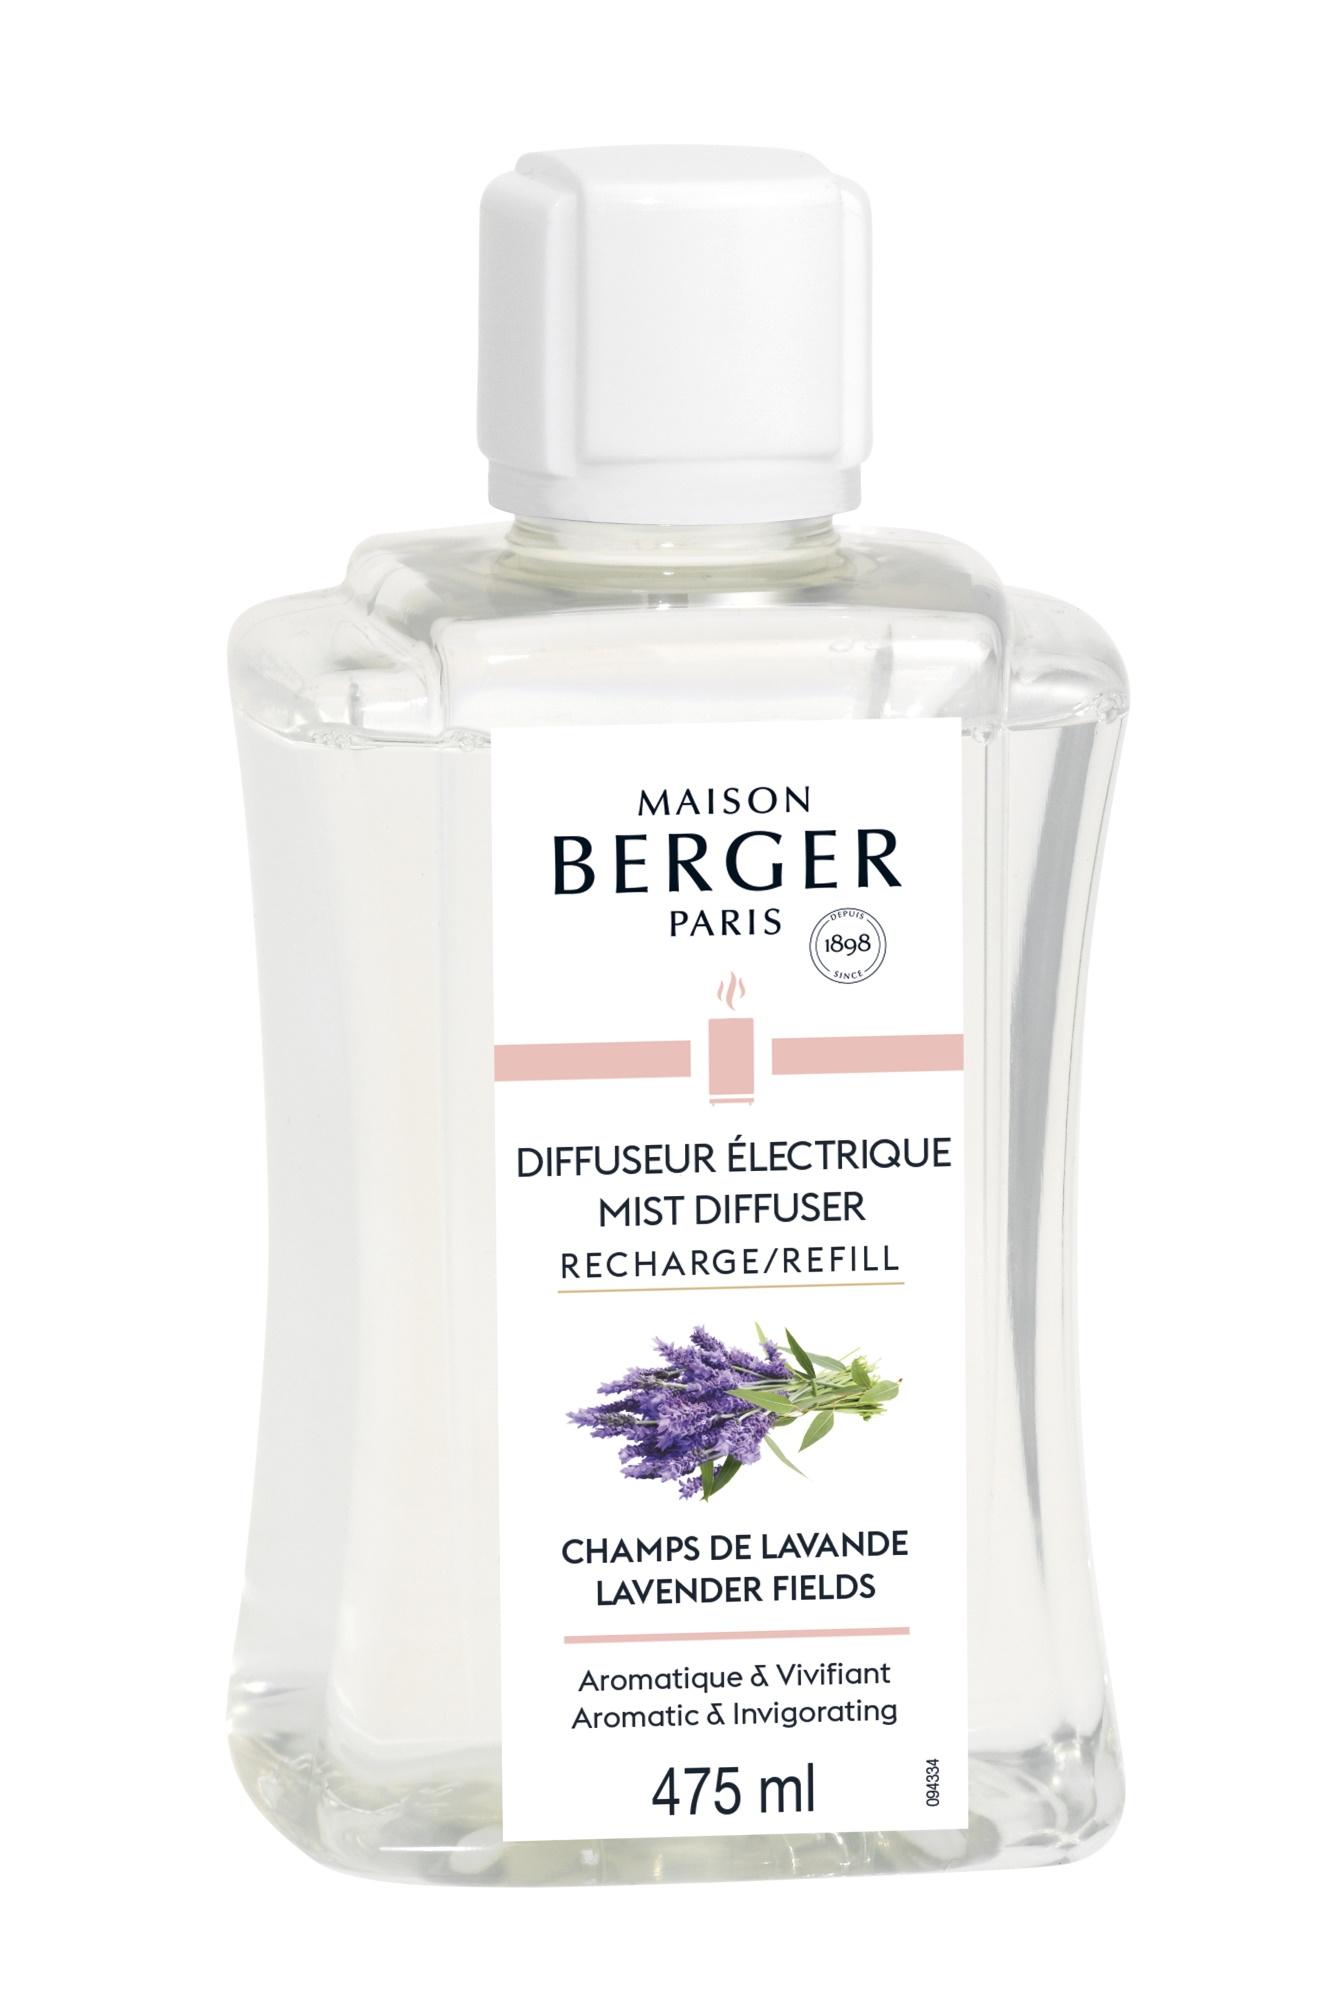 Parfum pentru difuzor ultrasonic Berger Champs de Lavande 475ml poza